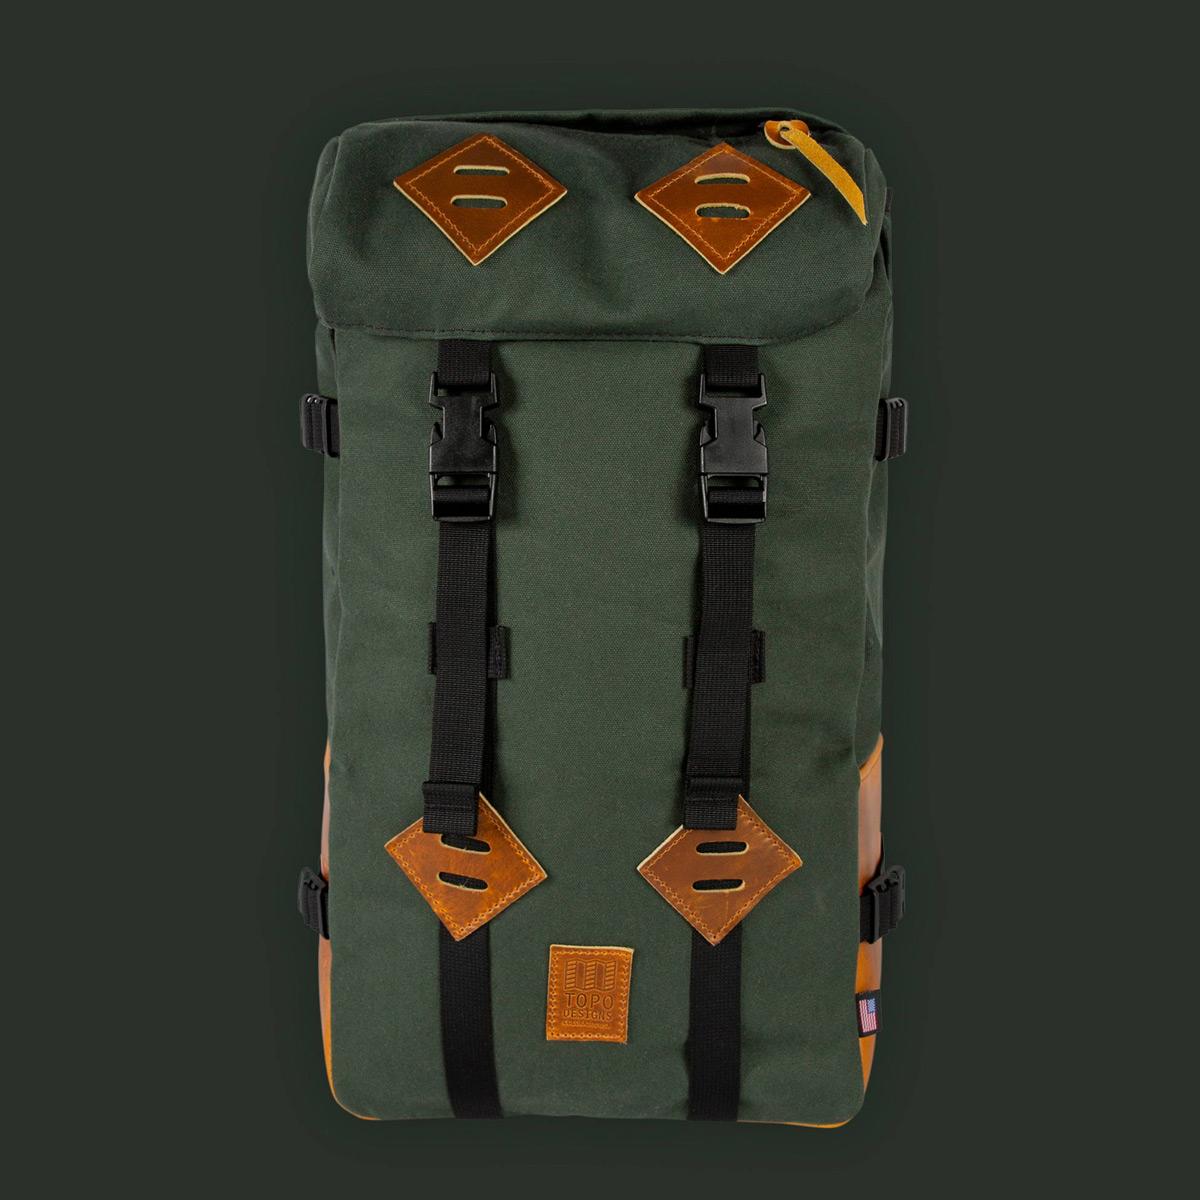 Topo Designs Klettersack Heritage Olive Canvas/Brown Leather, Schöner Rucksack für Männer und Frauen